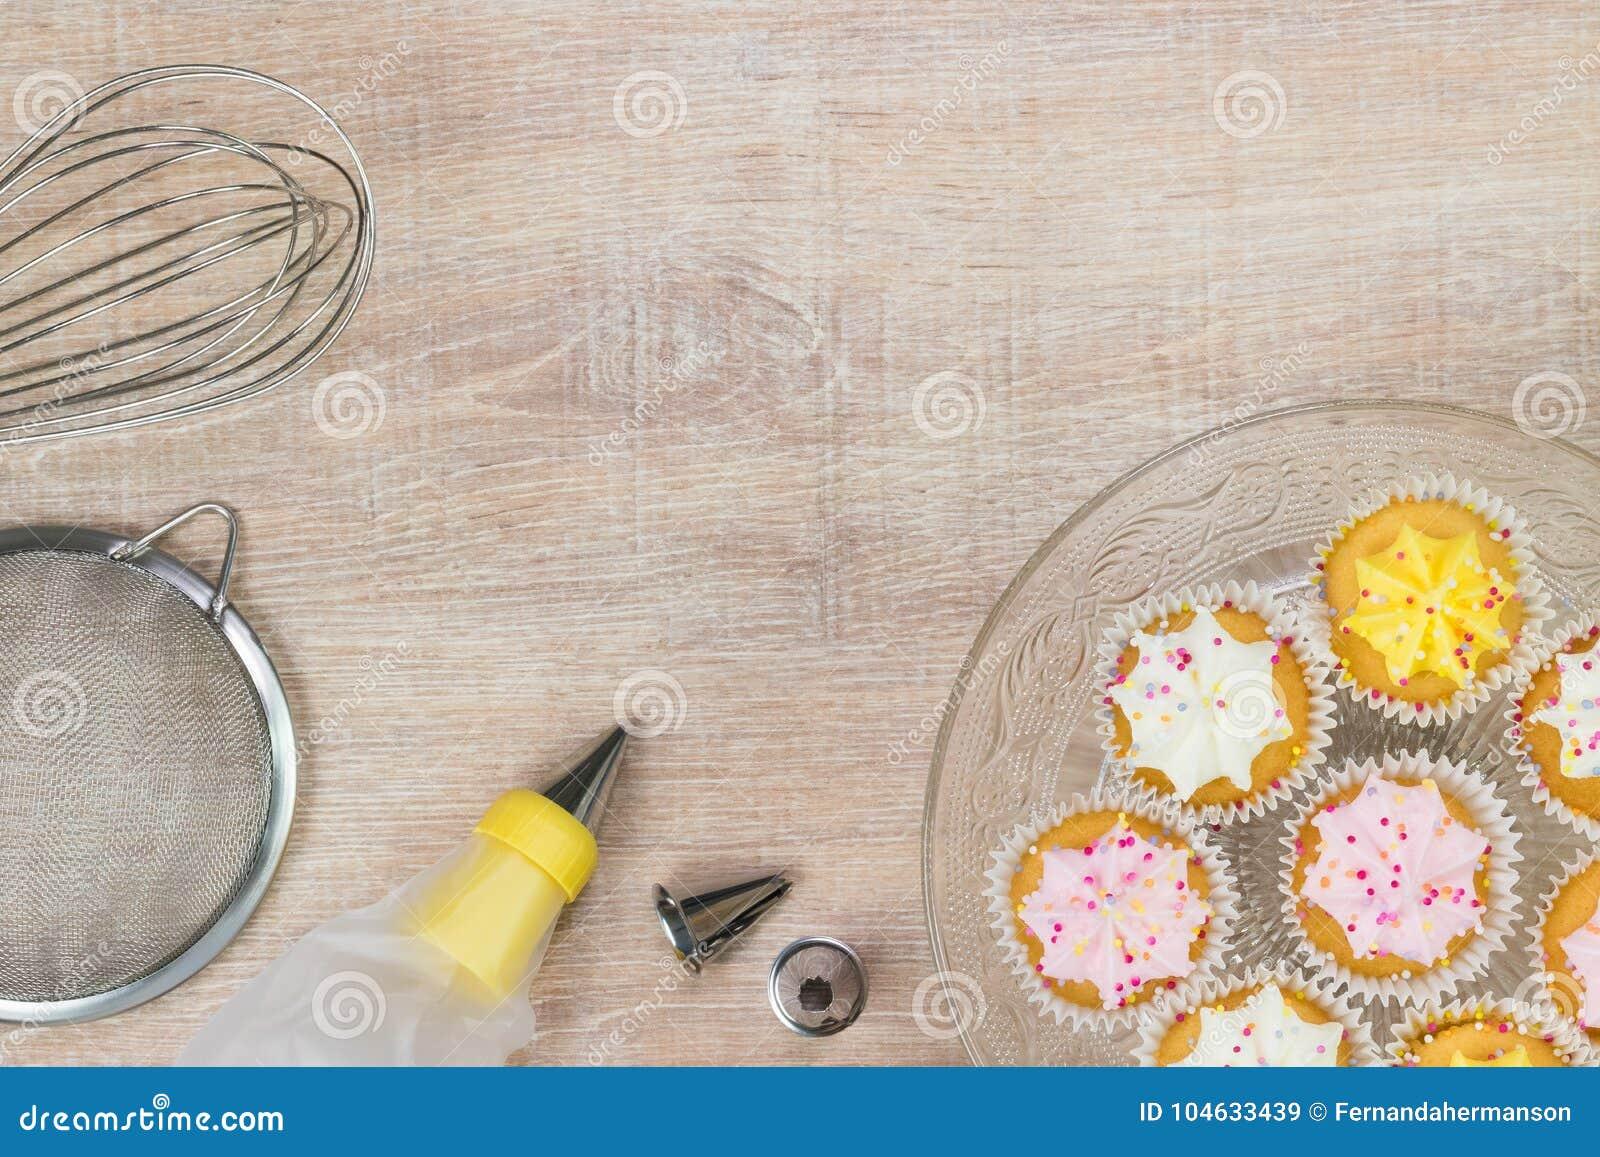 Download Kleurrijke Cupcakes En Bakselhulpmiddelen Op Een Houten Lijstachtergrond Stock Afbeelding - Afbeelding bestaande uit pastei, suikerglazuur: 104633439